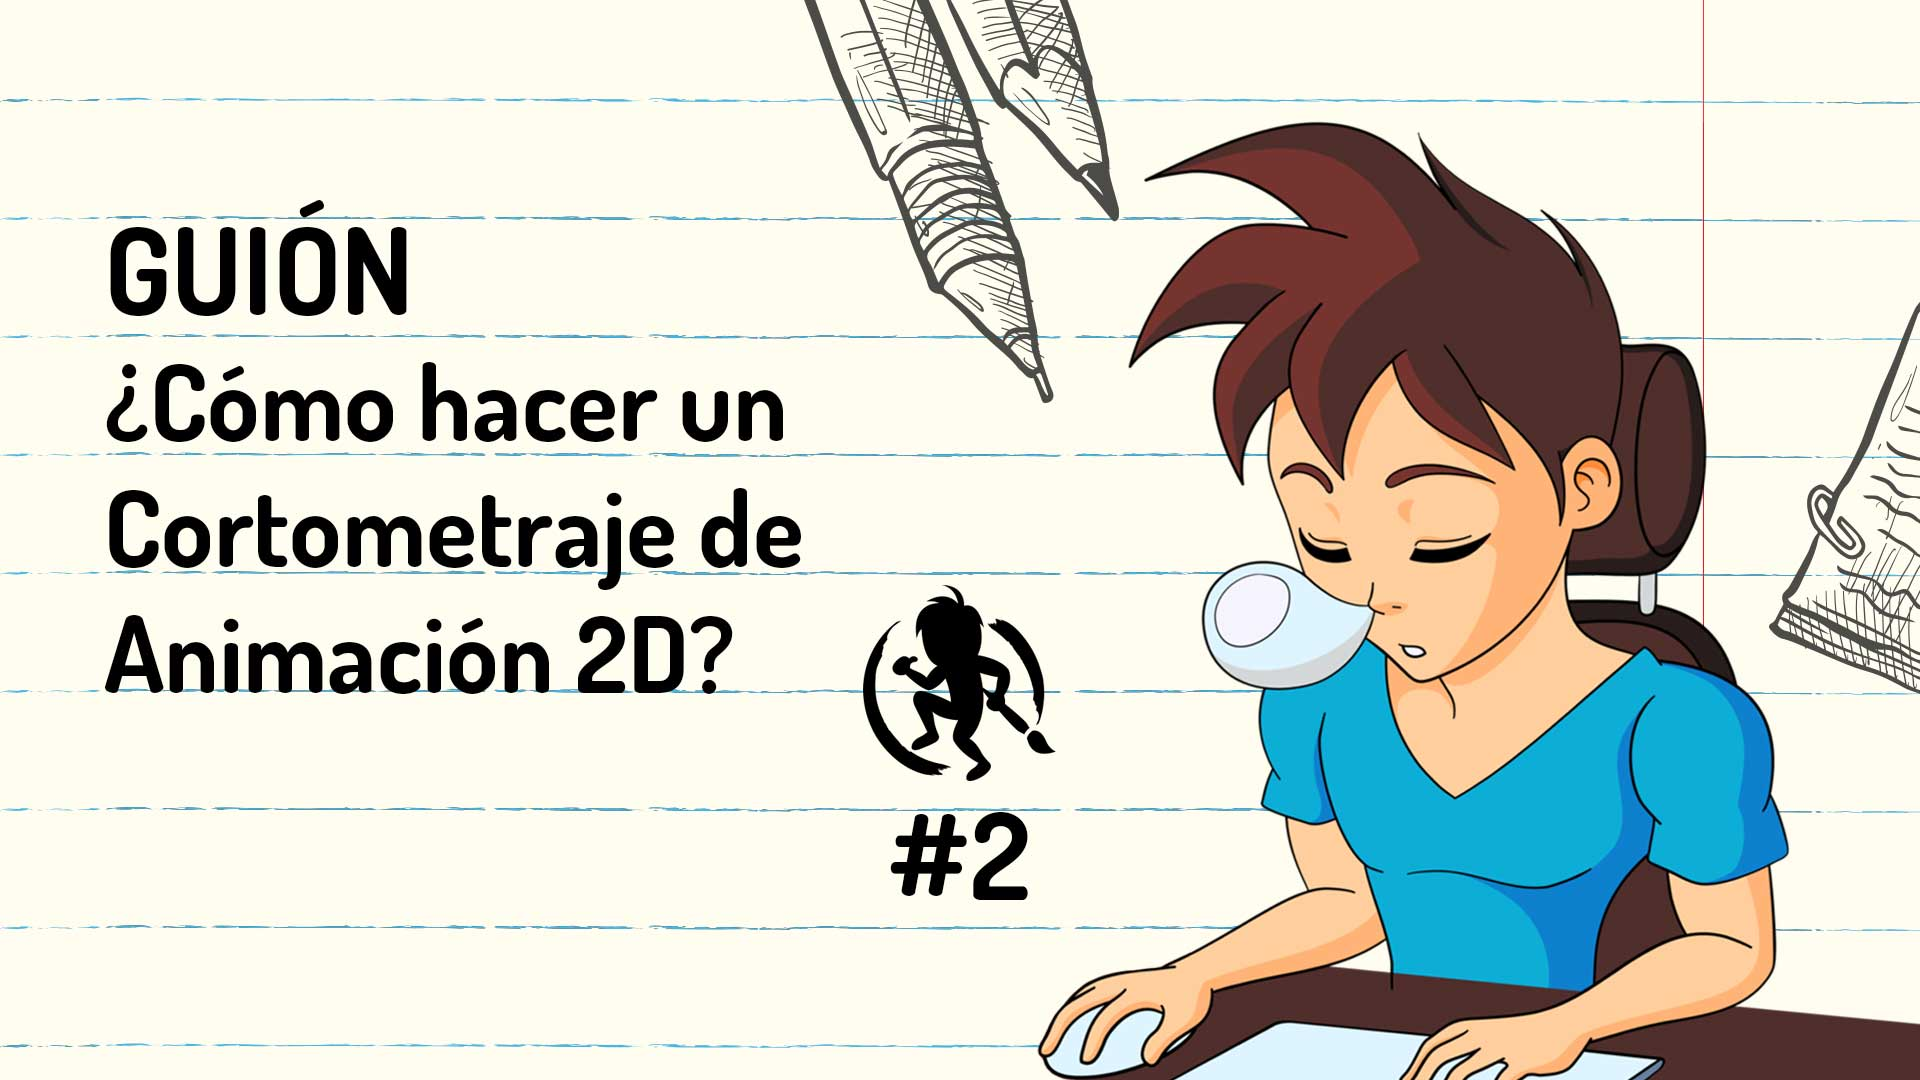 Guion Literario en un cortometraje de Animación 2D